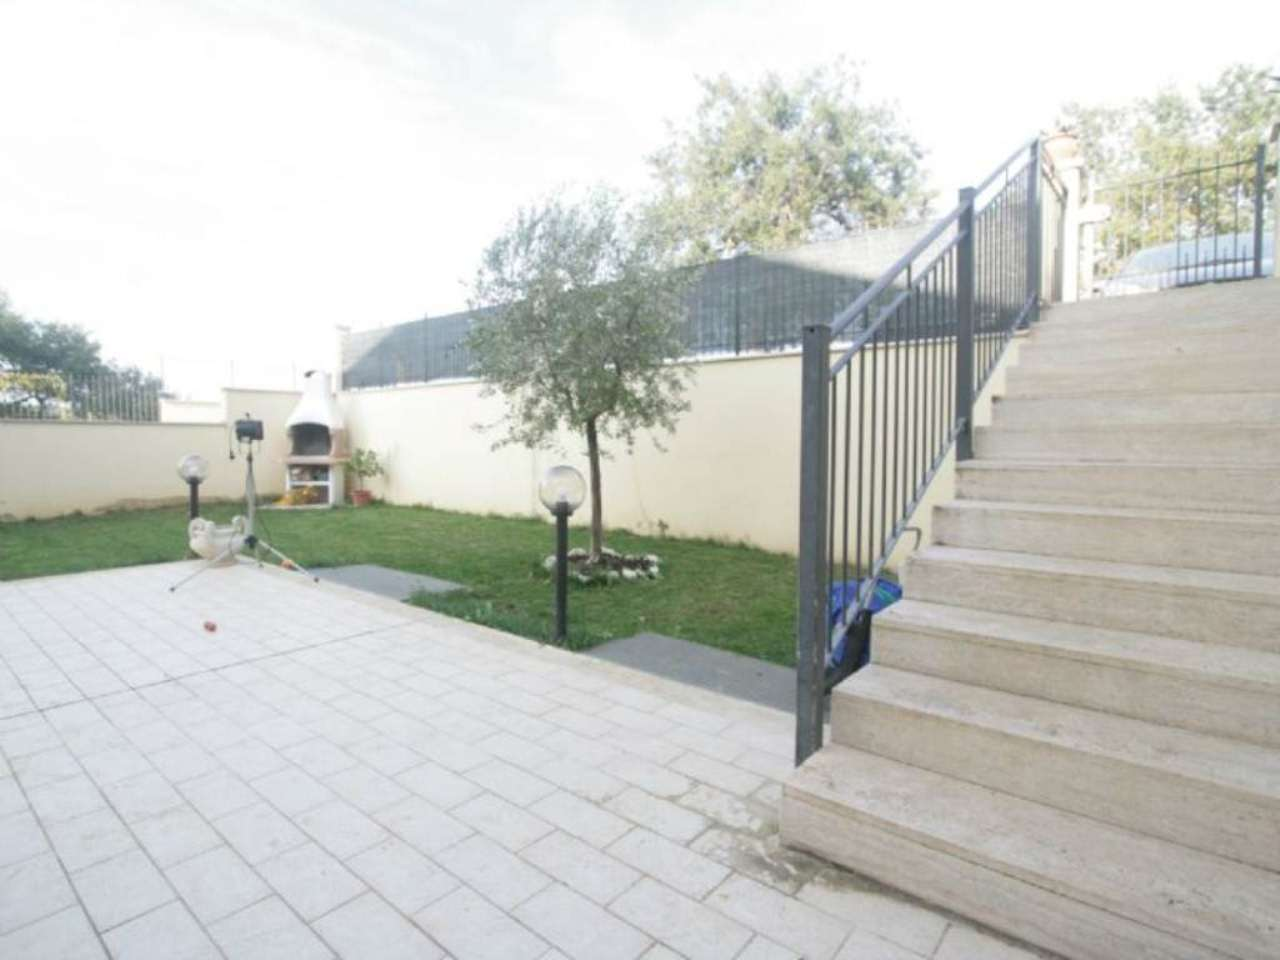 Appartamento in vendita a Potenza Picena, 3 locali, prezzo € 109.000 | CambioCasa.it